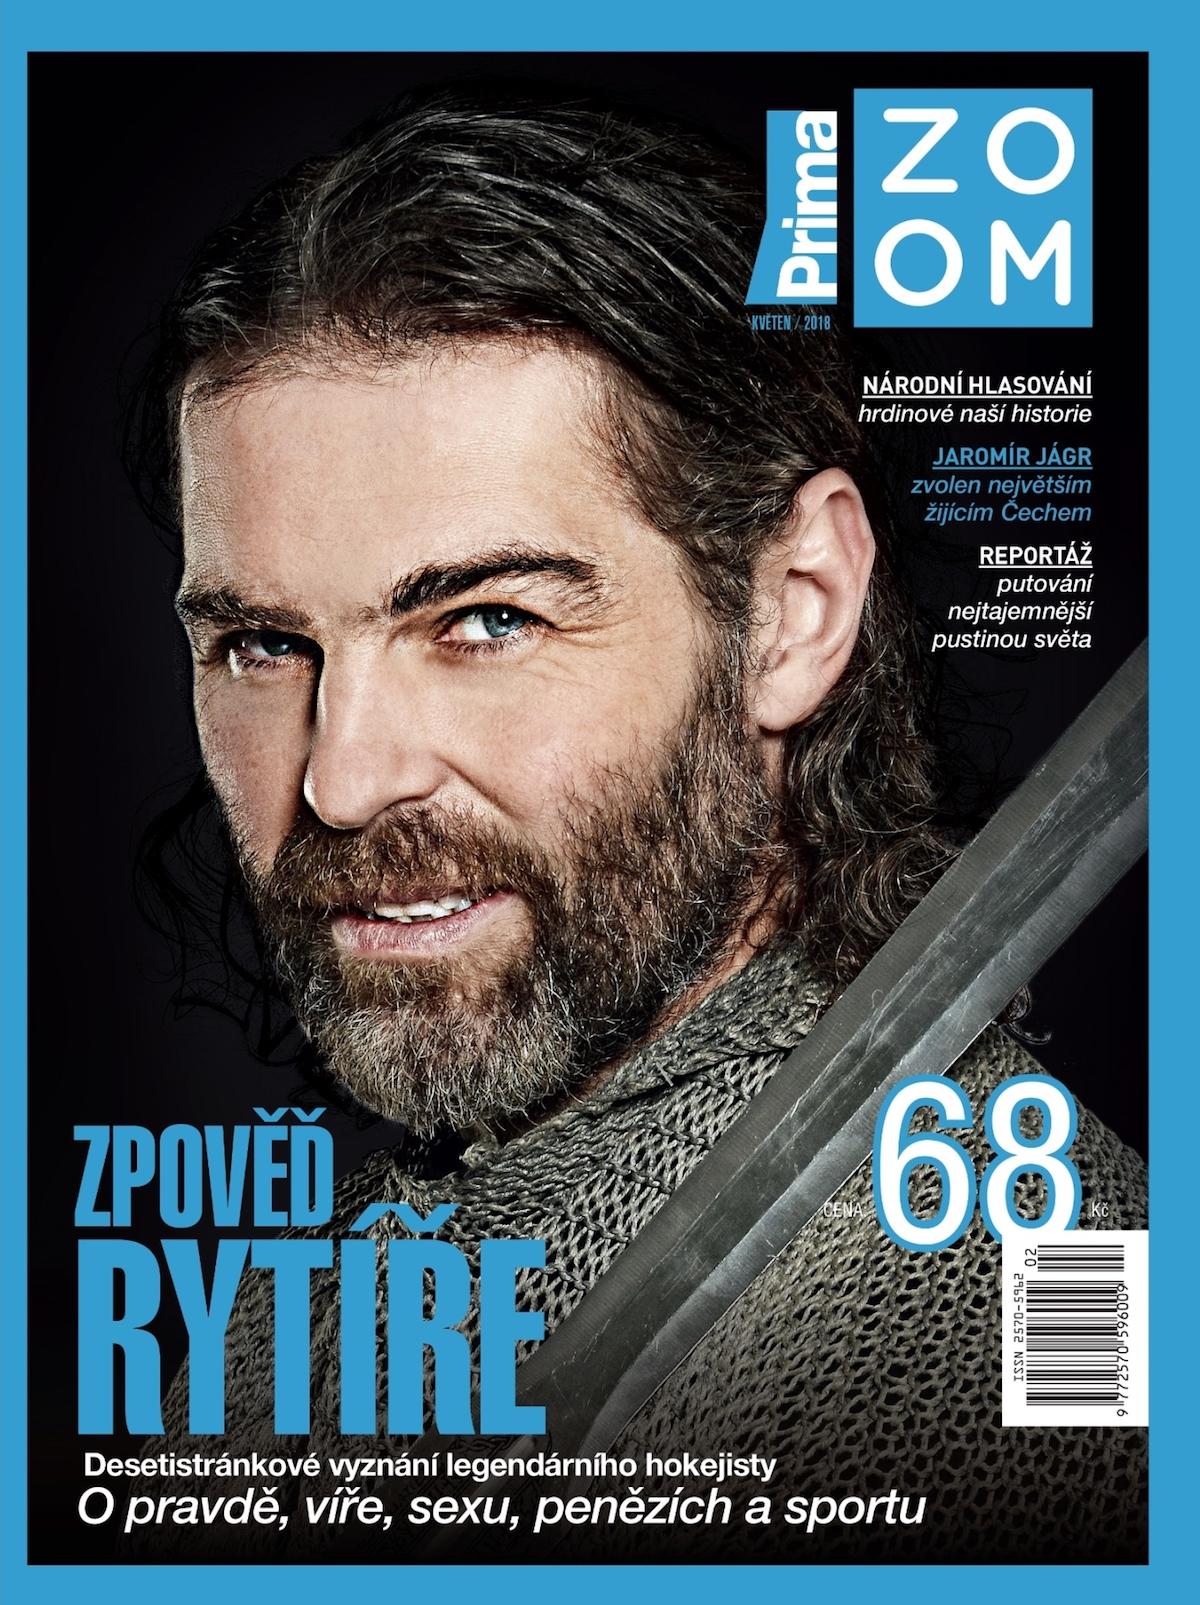 Jaromír Jágr na obálce předělaného časopisu Prima Zoom